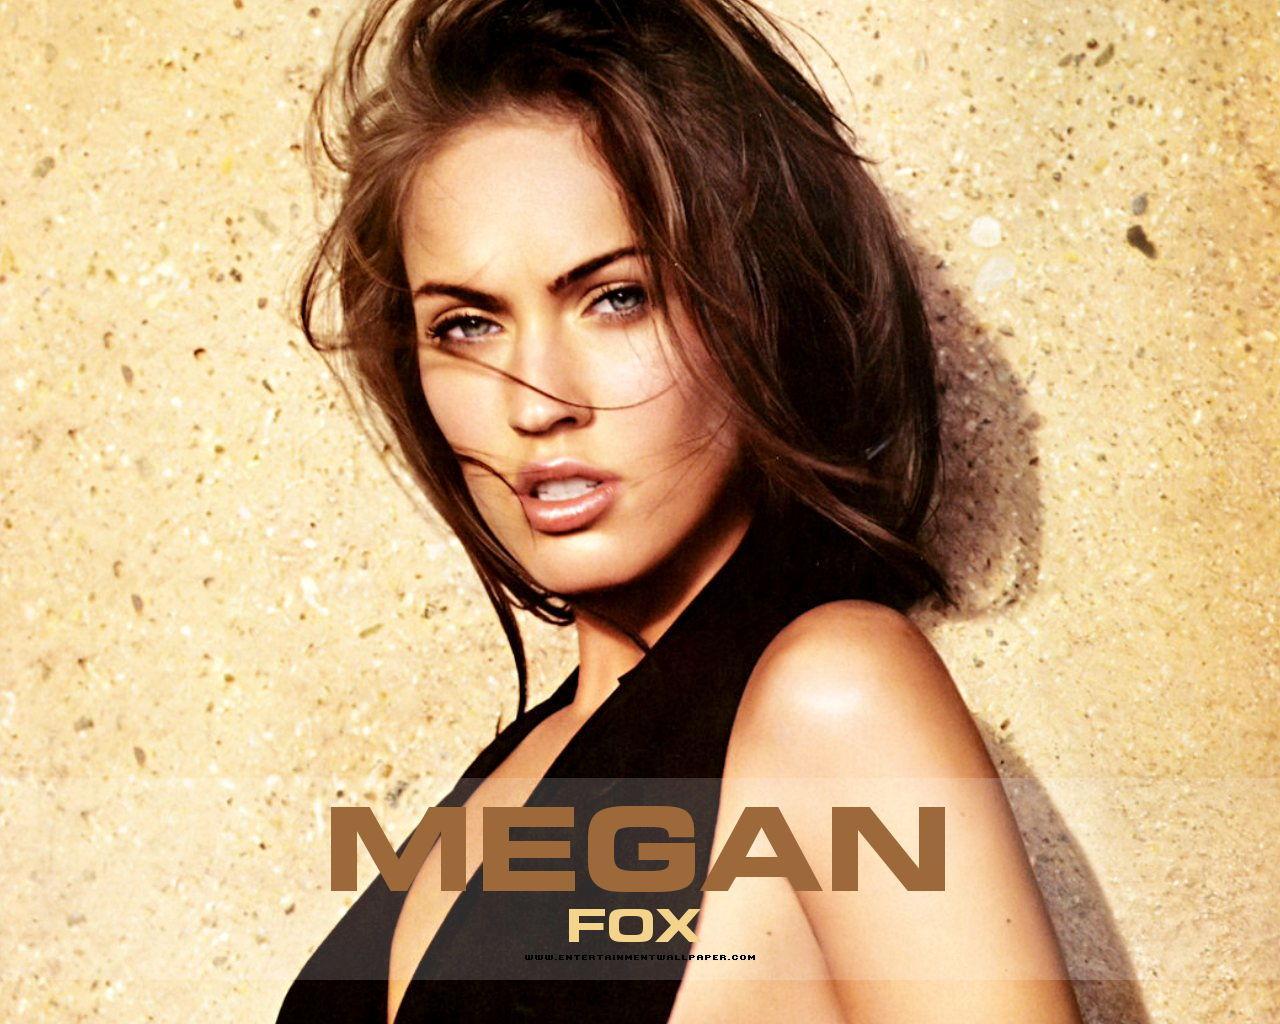 http://3.bp.blogspot.com/-8-i-A2pLu6o/T8nbNR3kg1I/AAAAAAAAGZw/pf9MEC9Qm1M/s1600/megan_fox_wallpapers_03.jpg